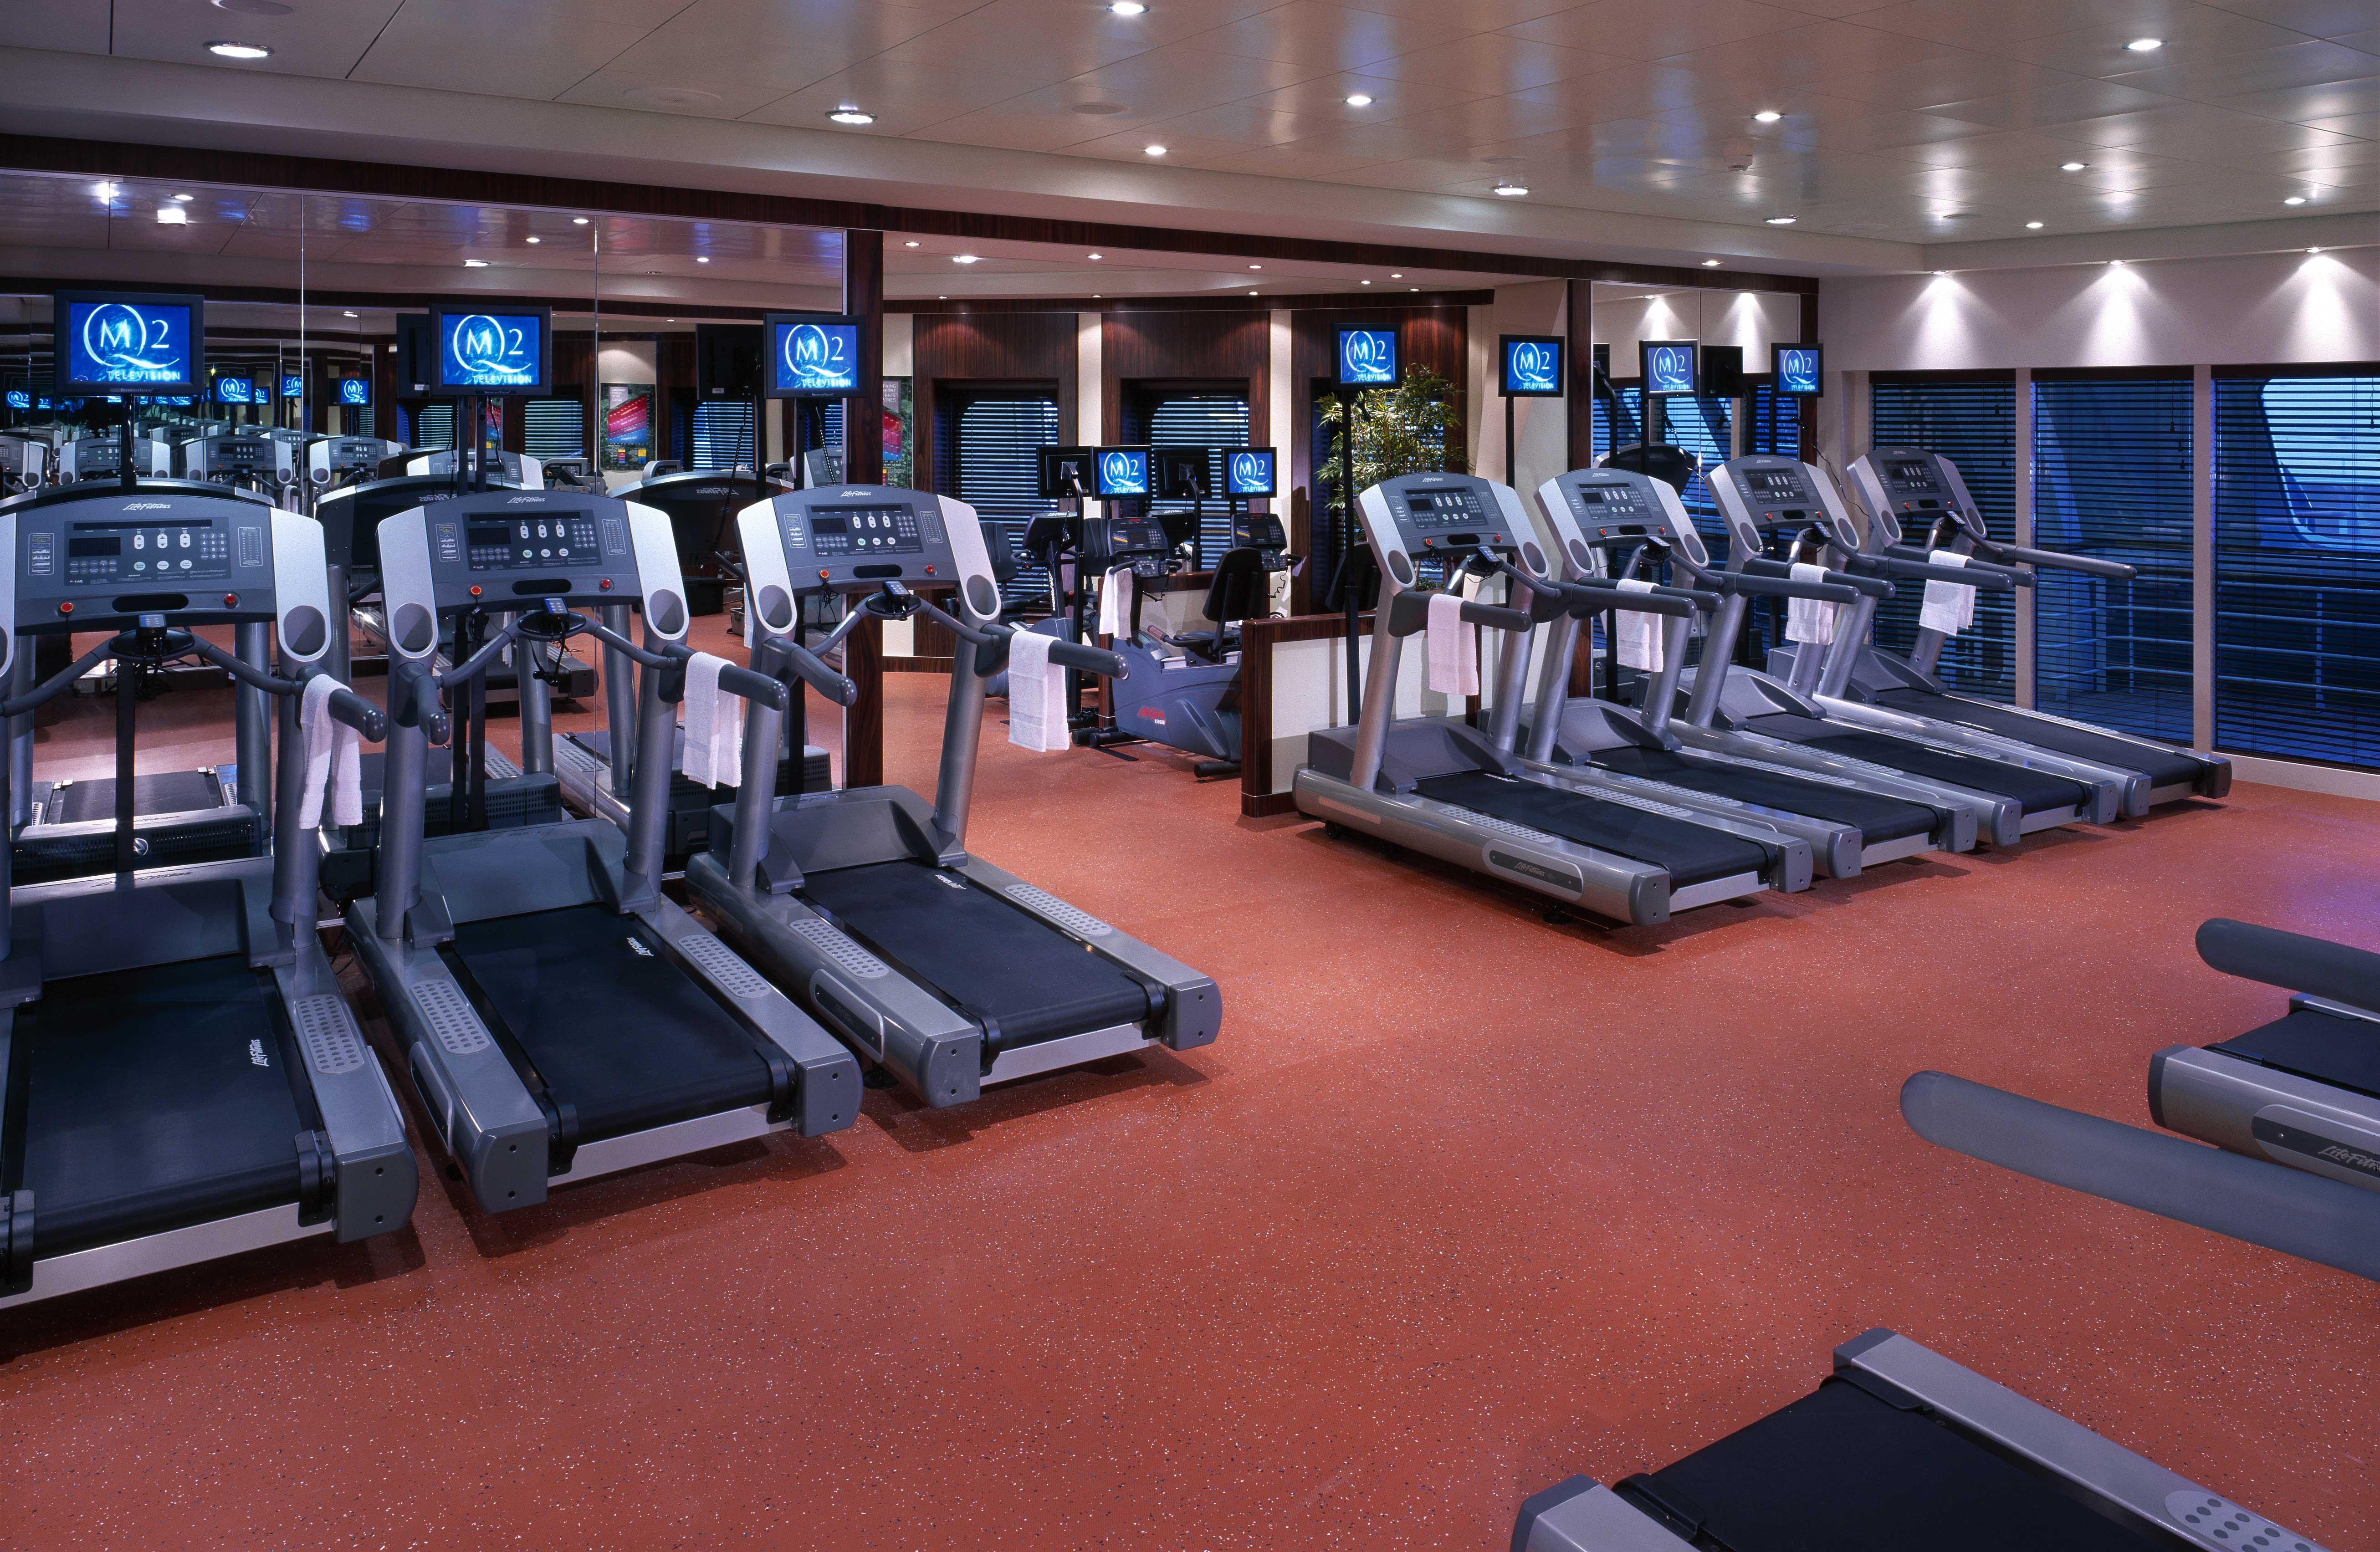 Cunard Line Queen Mary 2 Fitness Centre 1.JPG